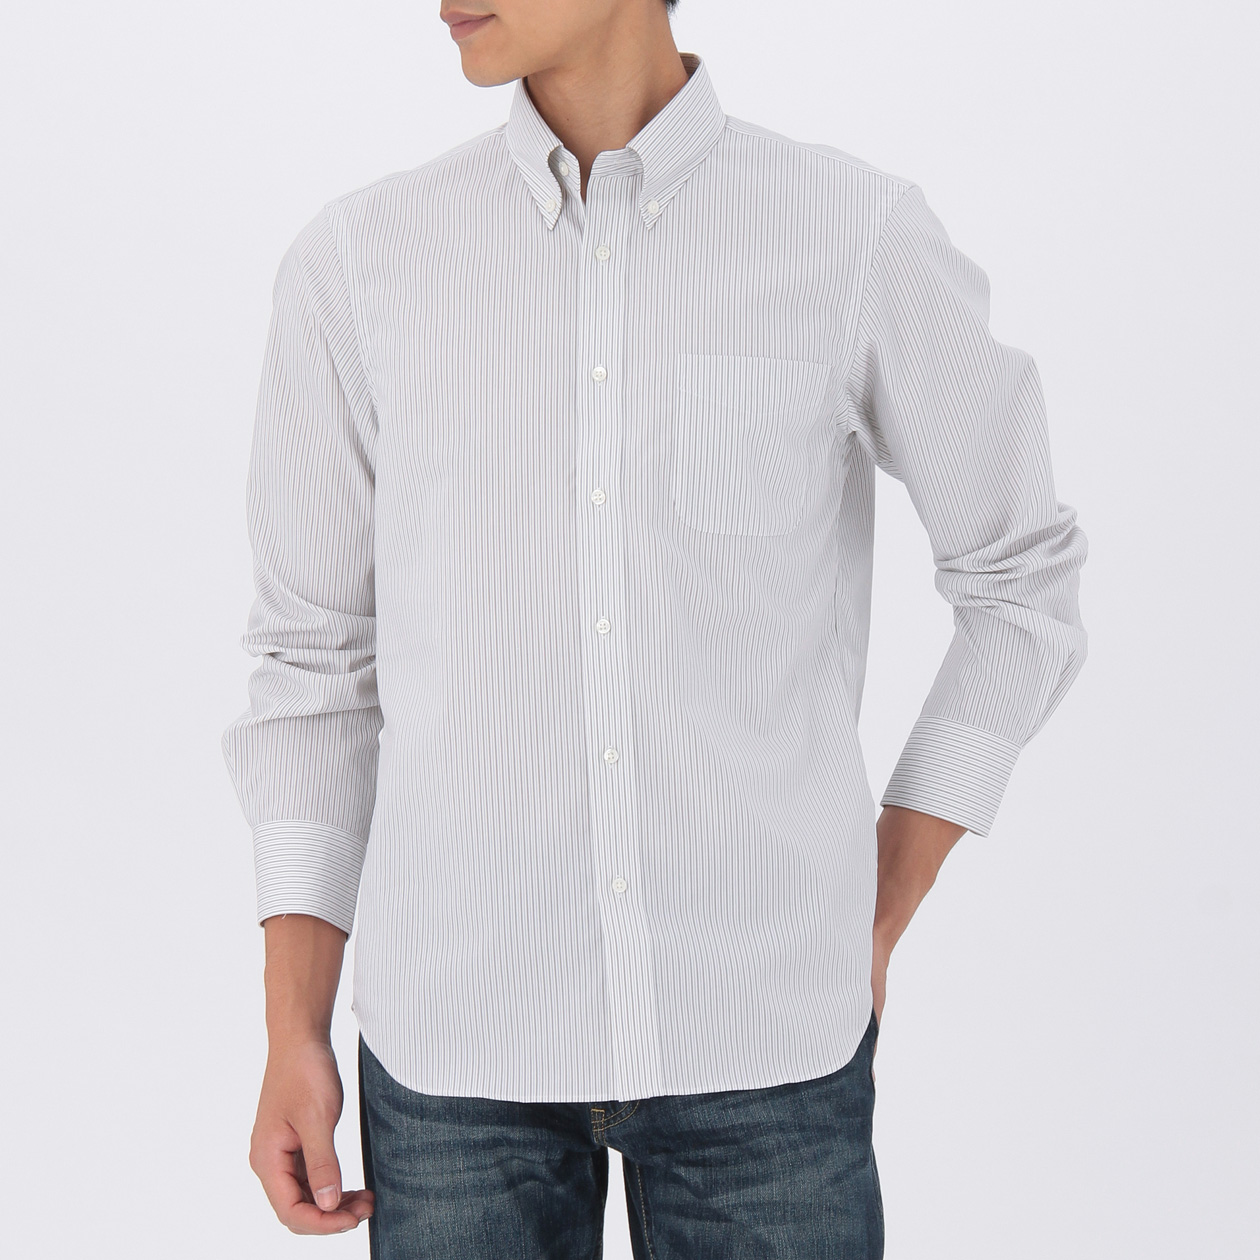 オーガニックコットンストライプ形態安定ボタンダウンシャツ